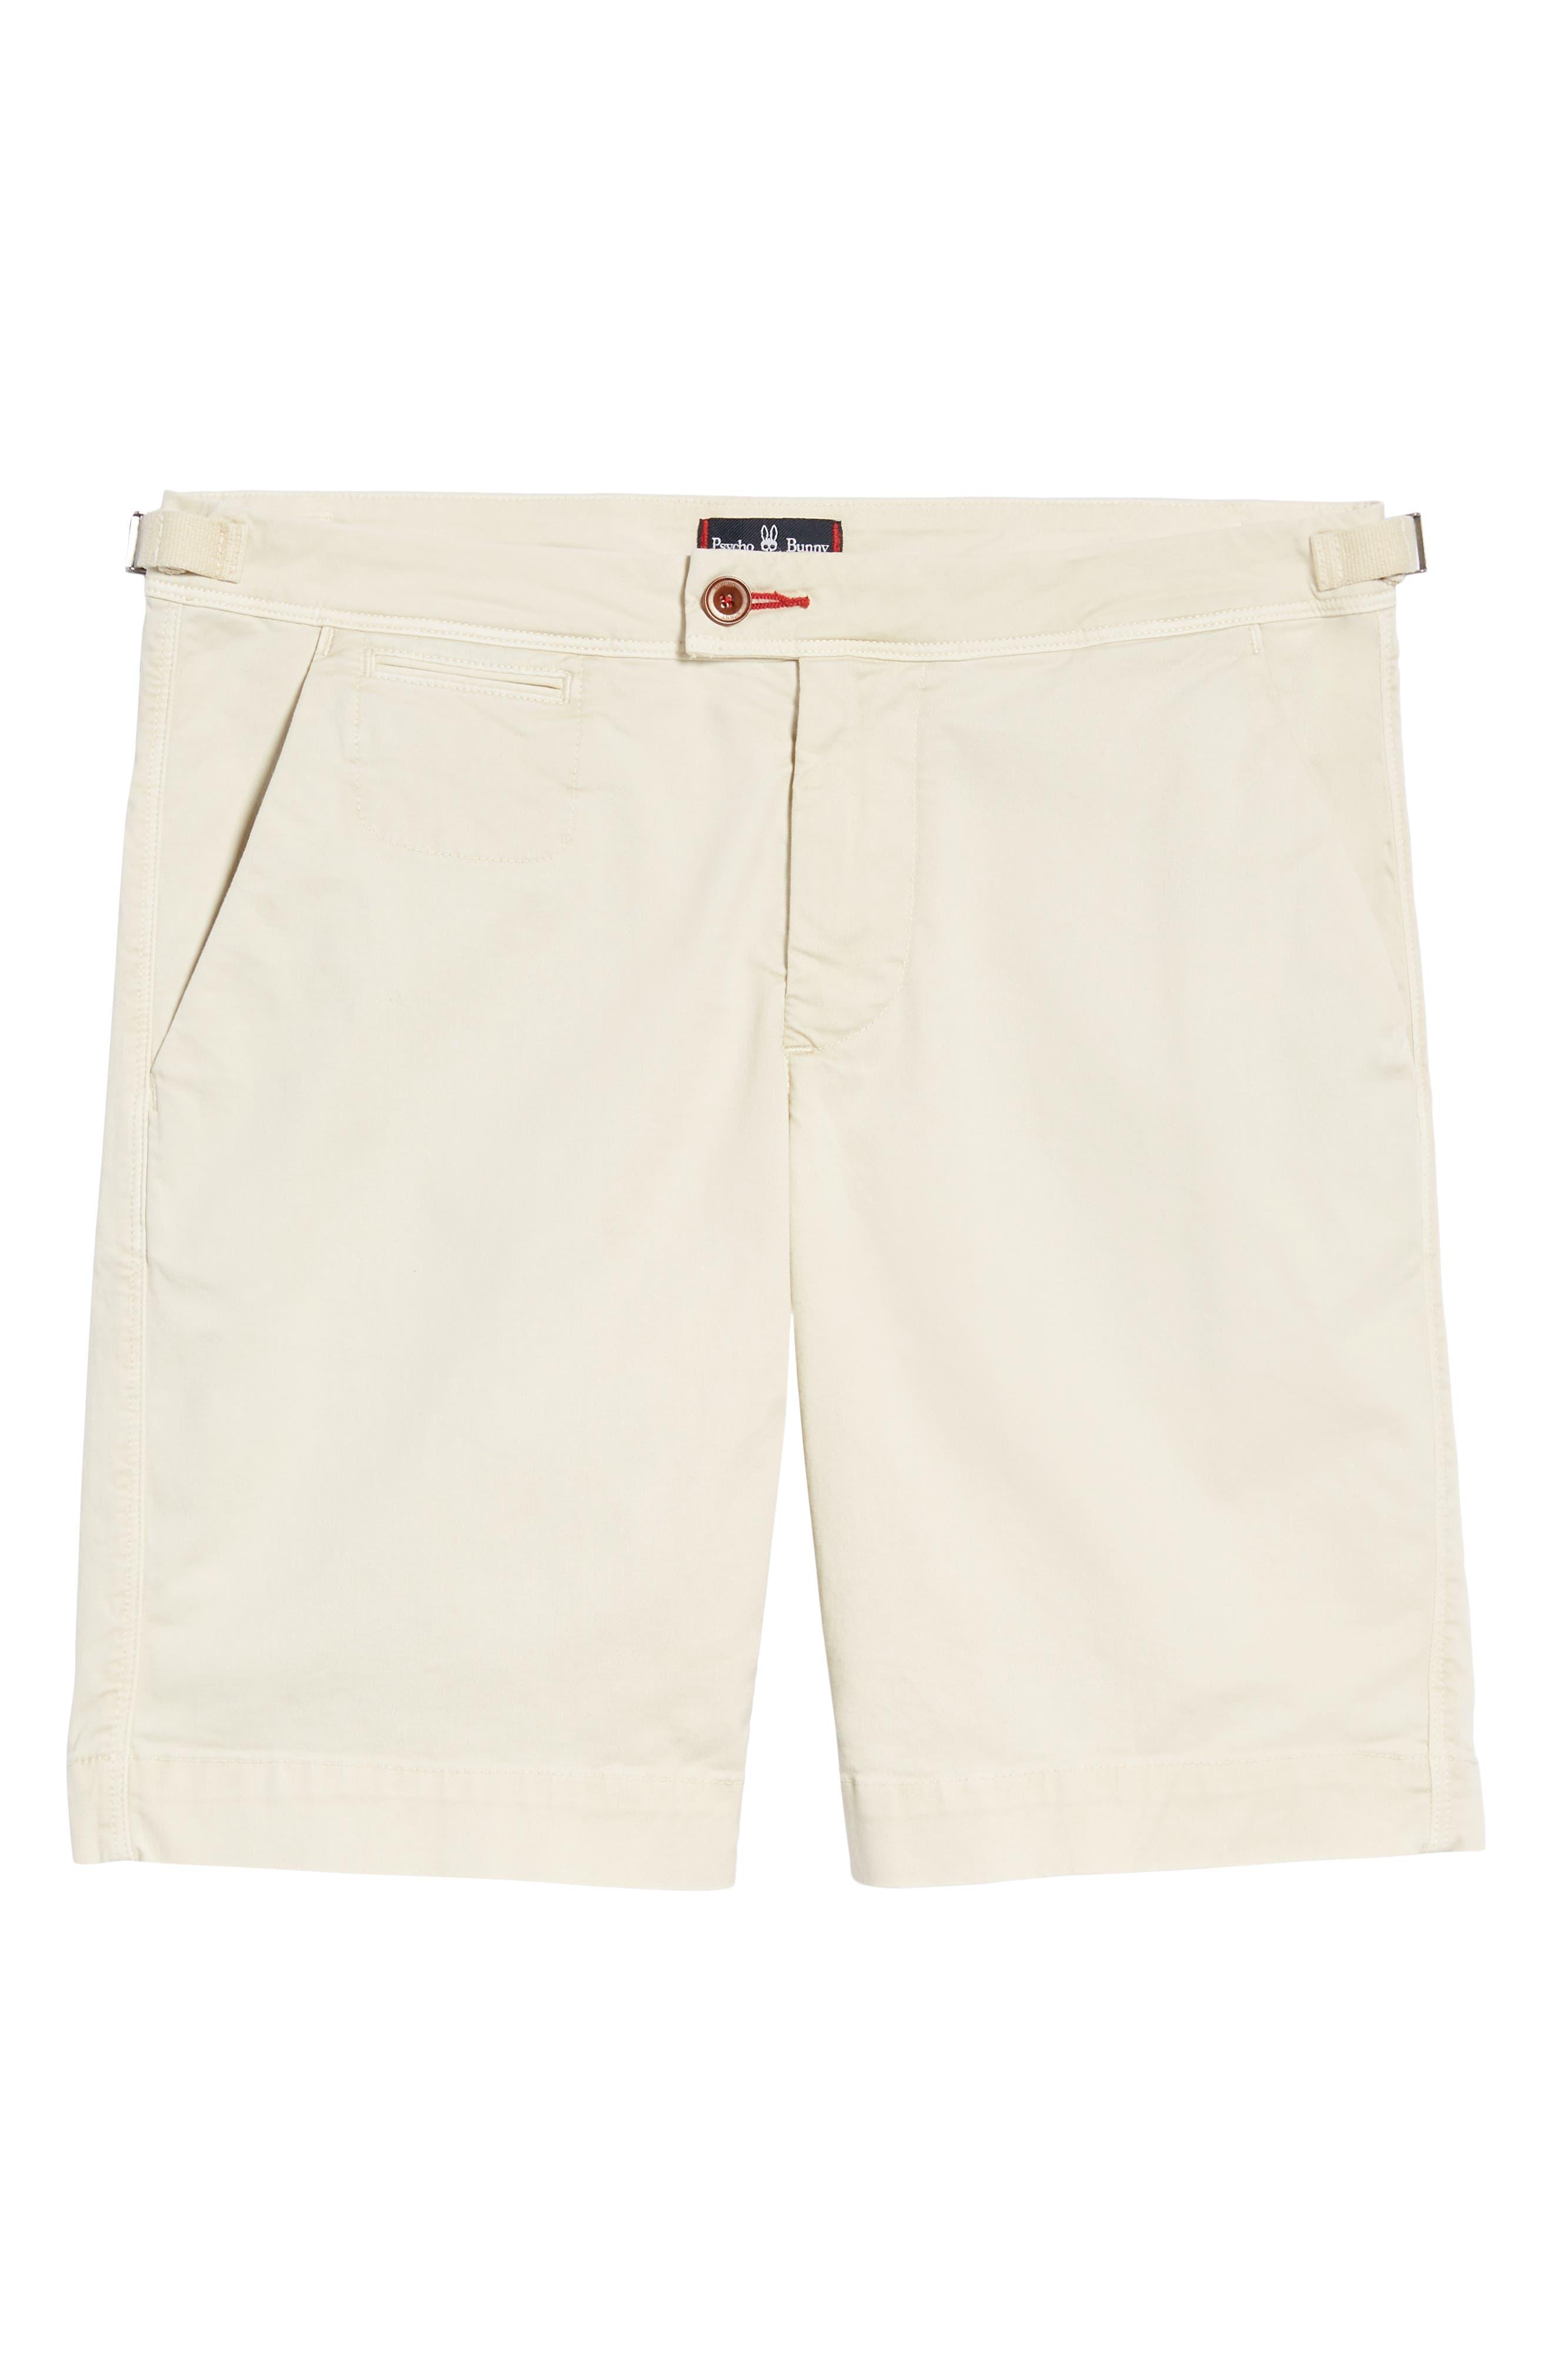 Triumph Shorts,                             Alternate thumbnail 6, color,                             130